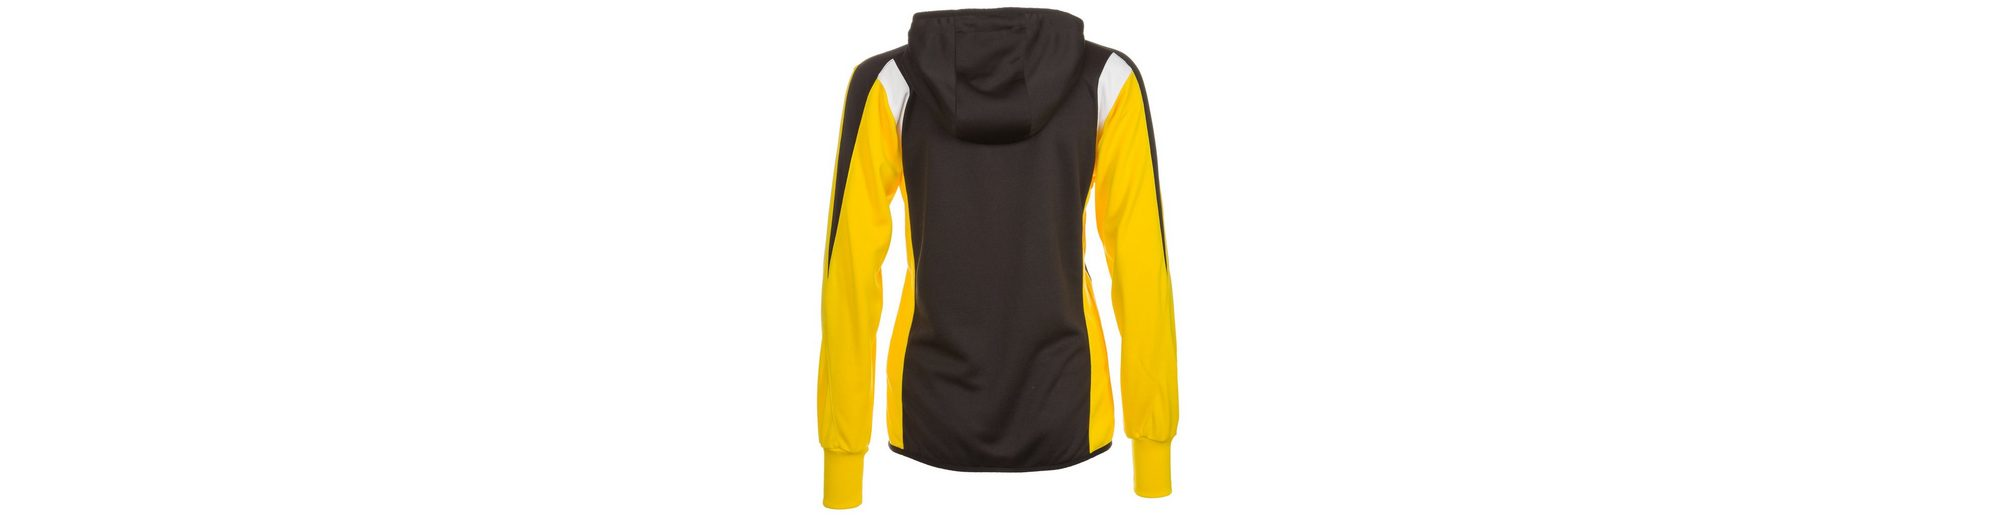 Spielraum Bester Großhandel Durchsuche ERIMA Premium One Trainingsjacke mit Kapuze Damen Sie Günstig Online Authentisch Bester Verkauf Verkauf Online H2fwXnIAC